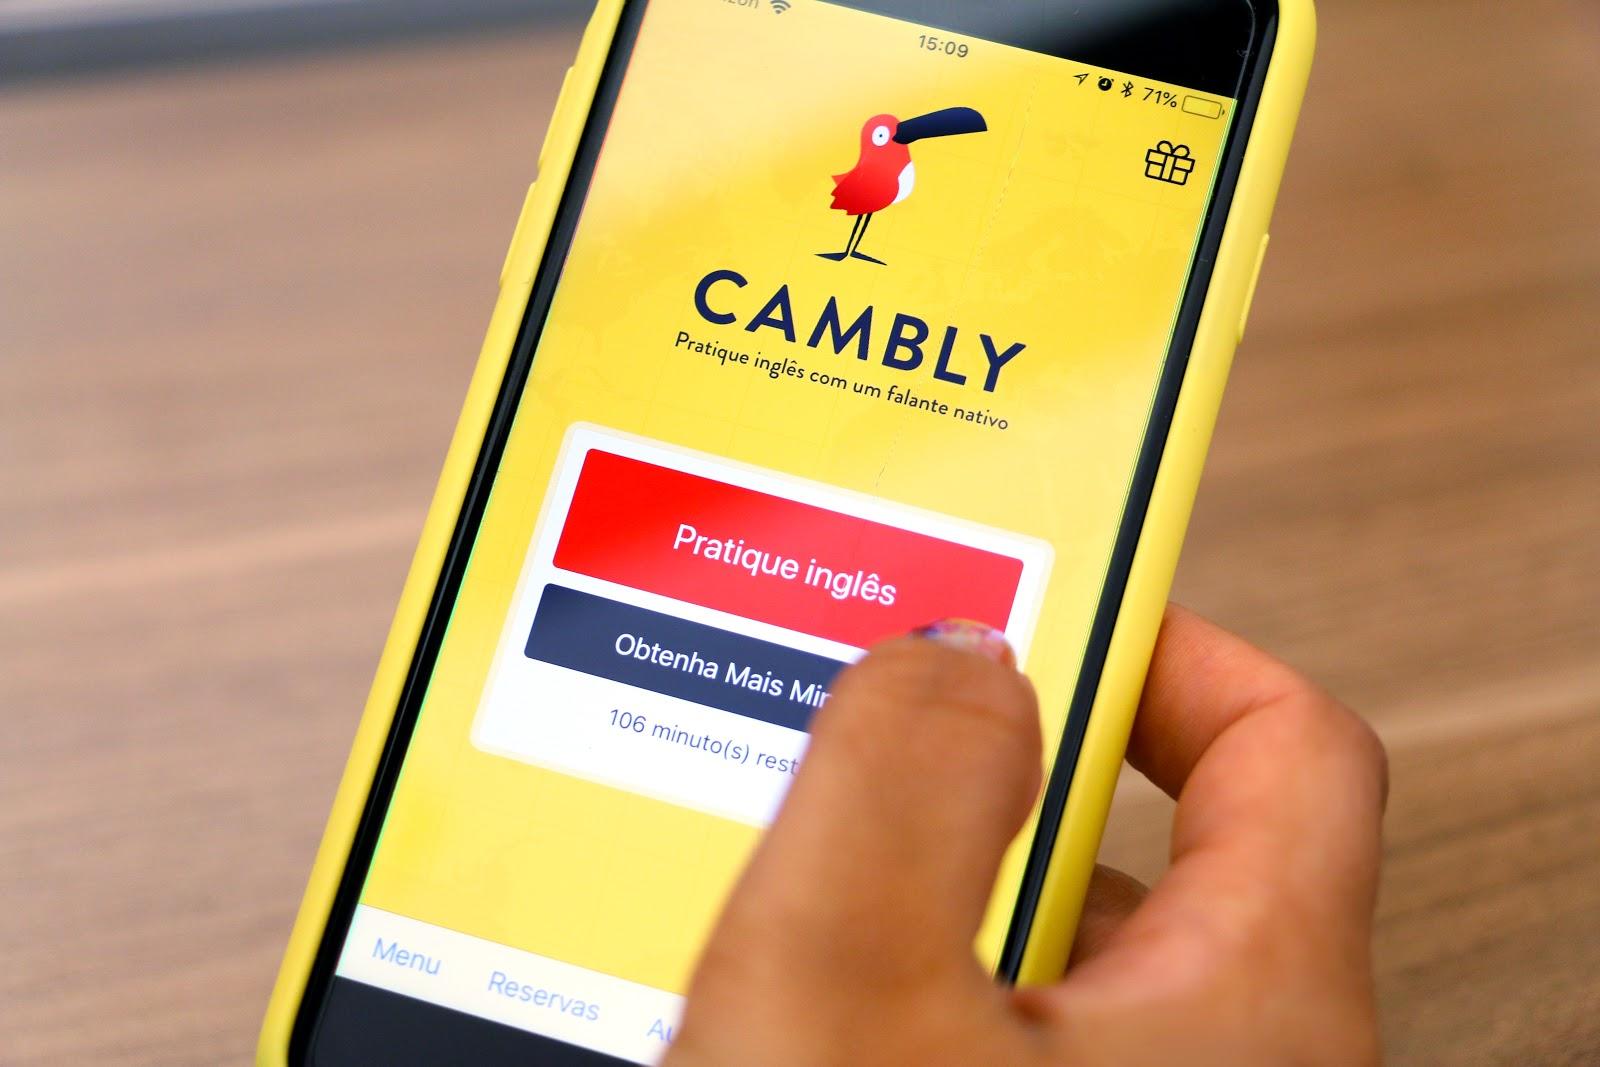 Cambly: aplicativo para aprender inglês com conversação ao vivo